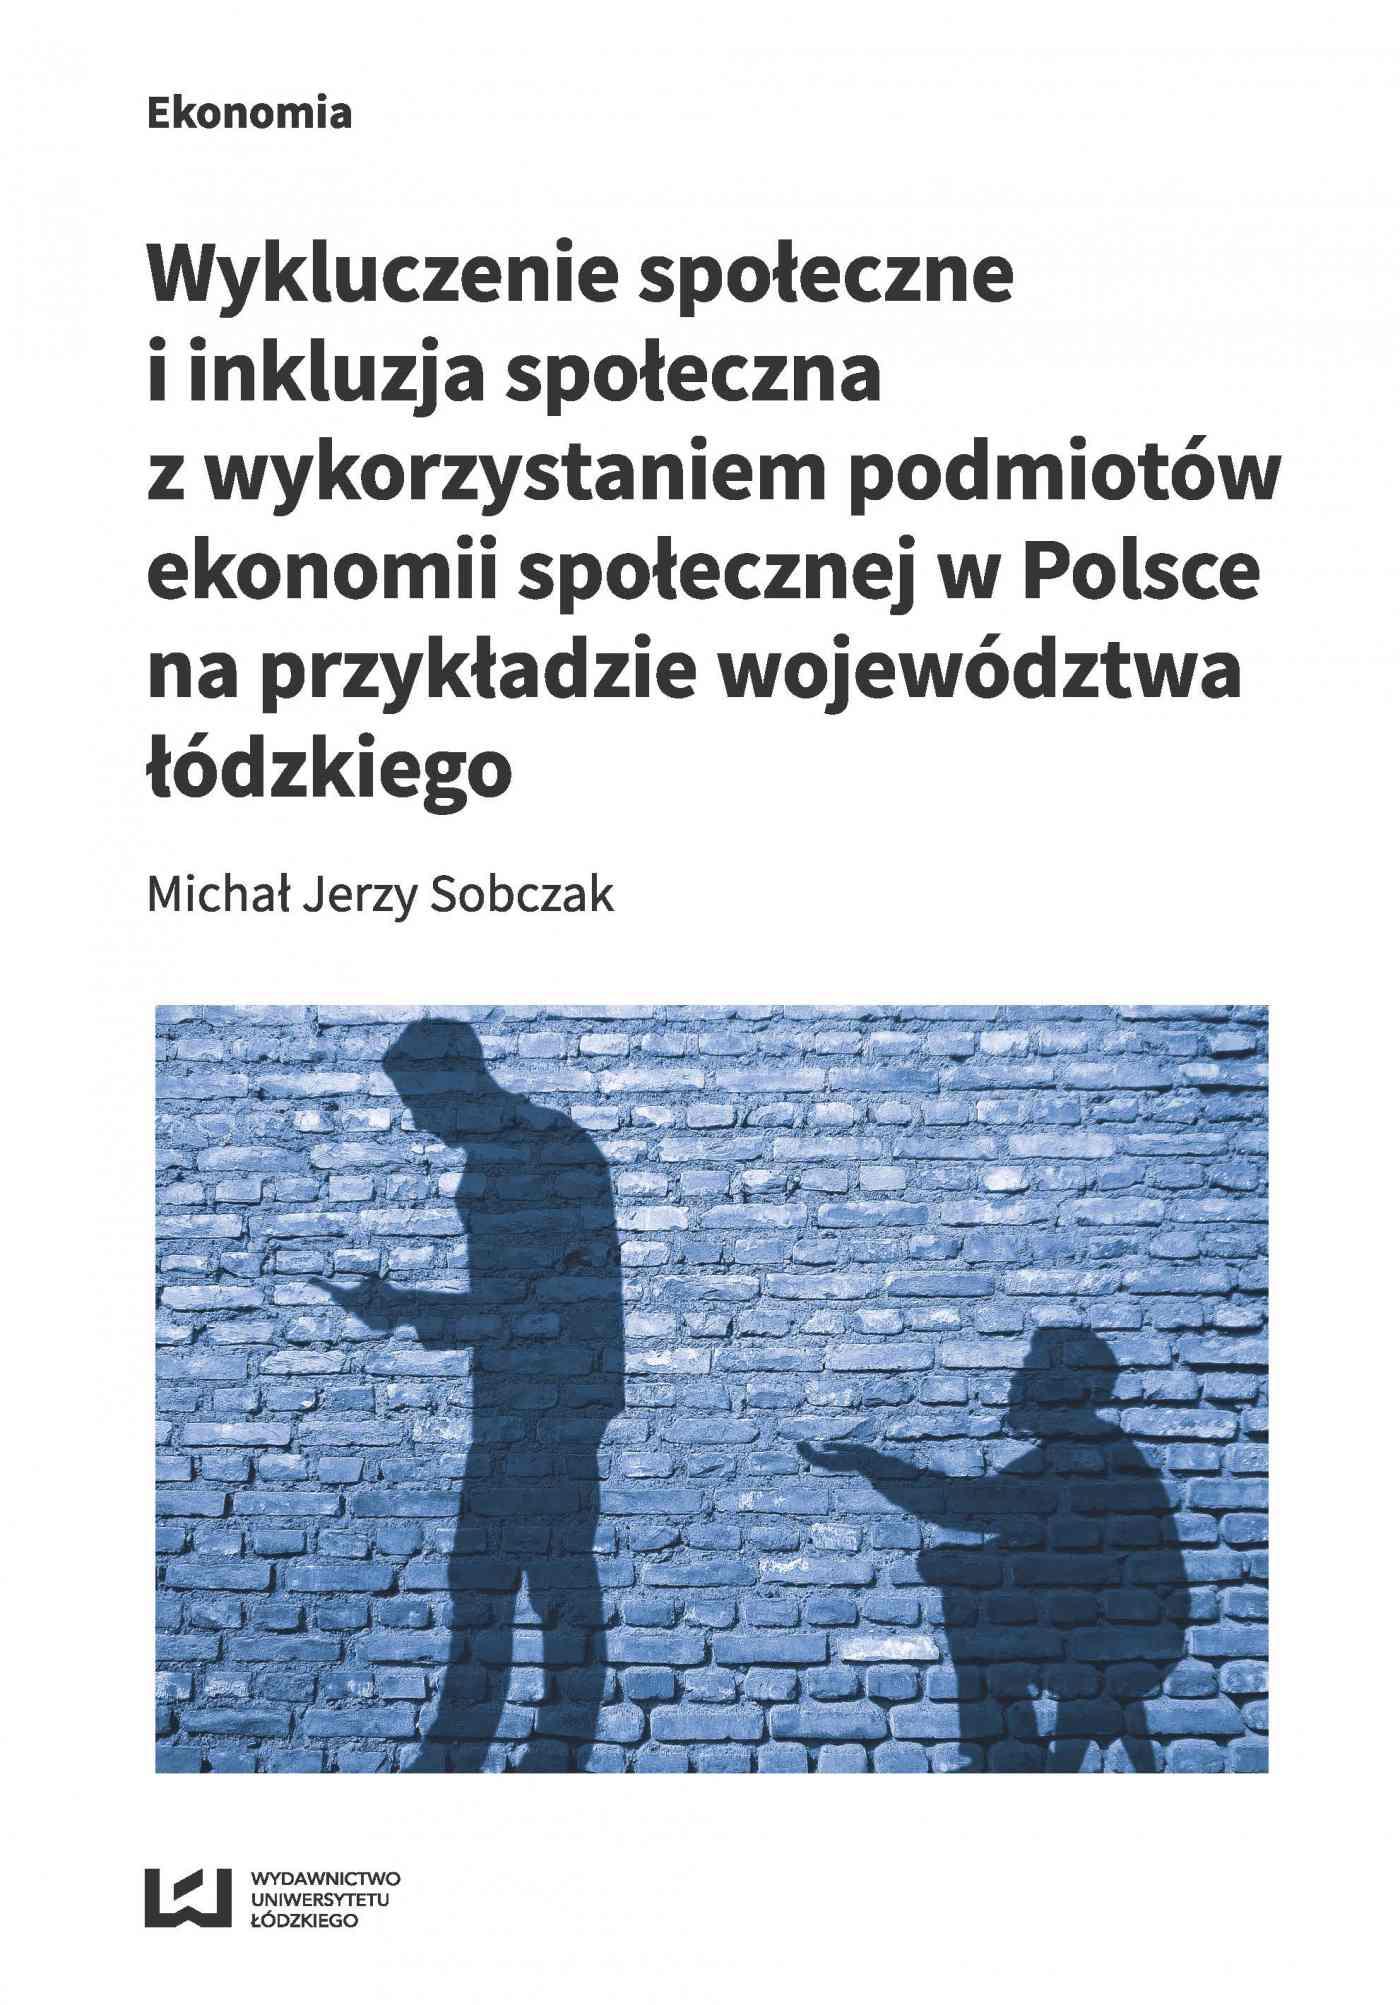 Wykluczenie społeczne i inkluzja społeczna z wykorzystaniem podmiotów ekonomii społecznej w Polsce na przykładzie województwa łódzkiego - Ebook (Książka PDF) do pobrania w formacie PDF